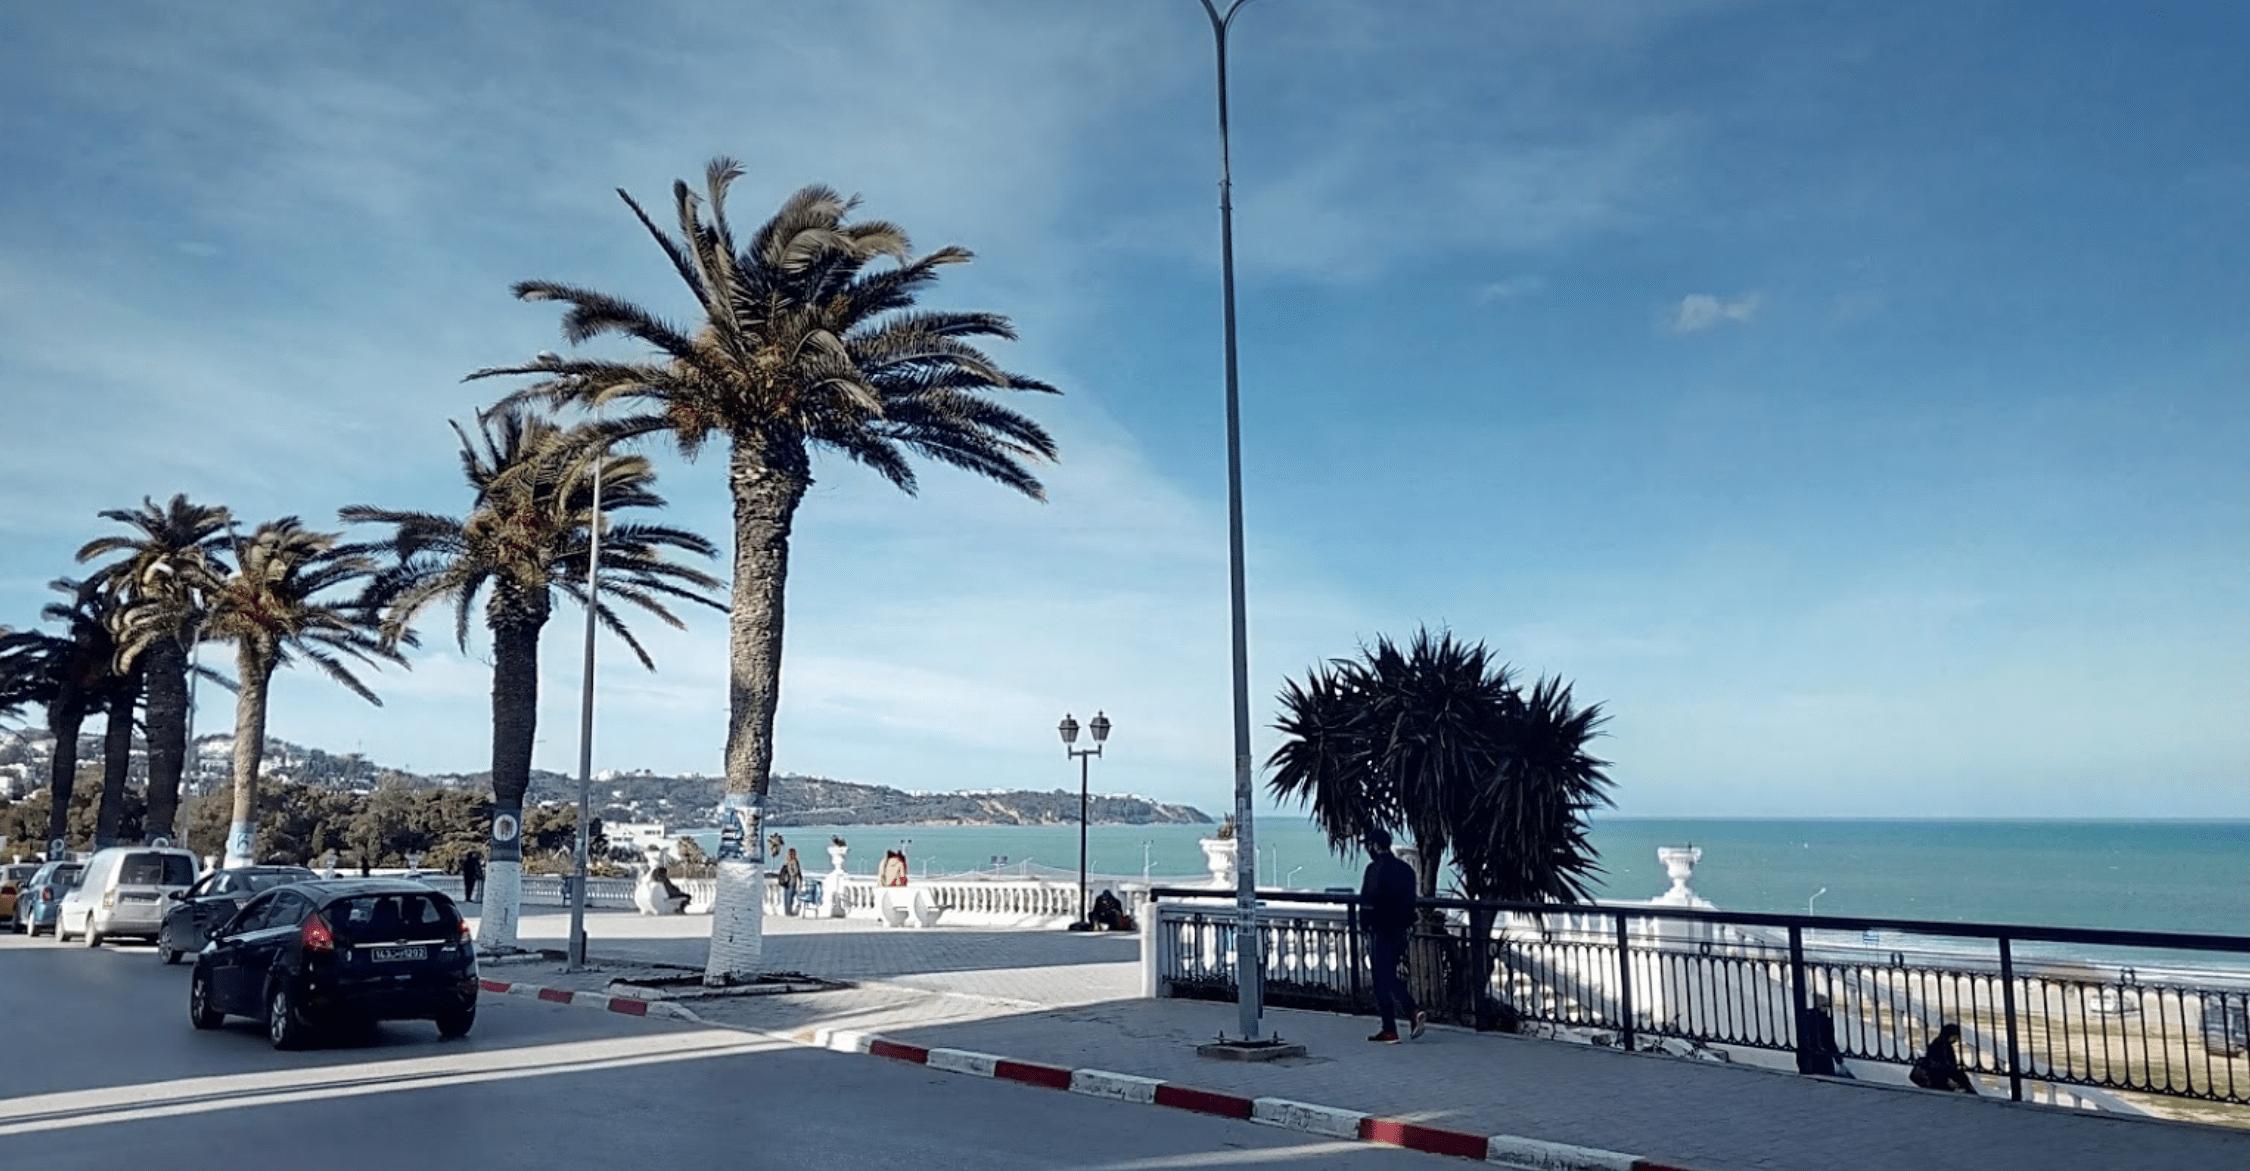 Carthage marsa beach